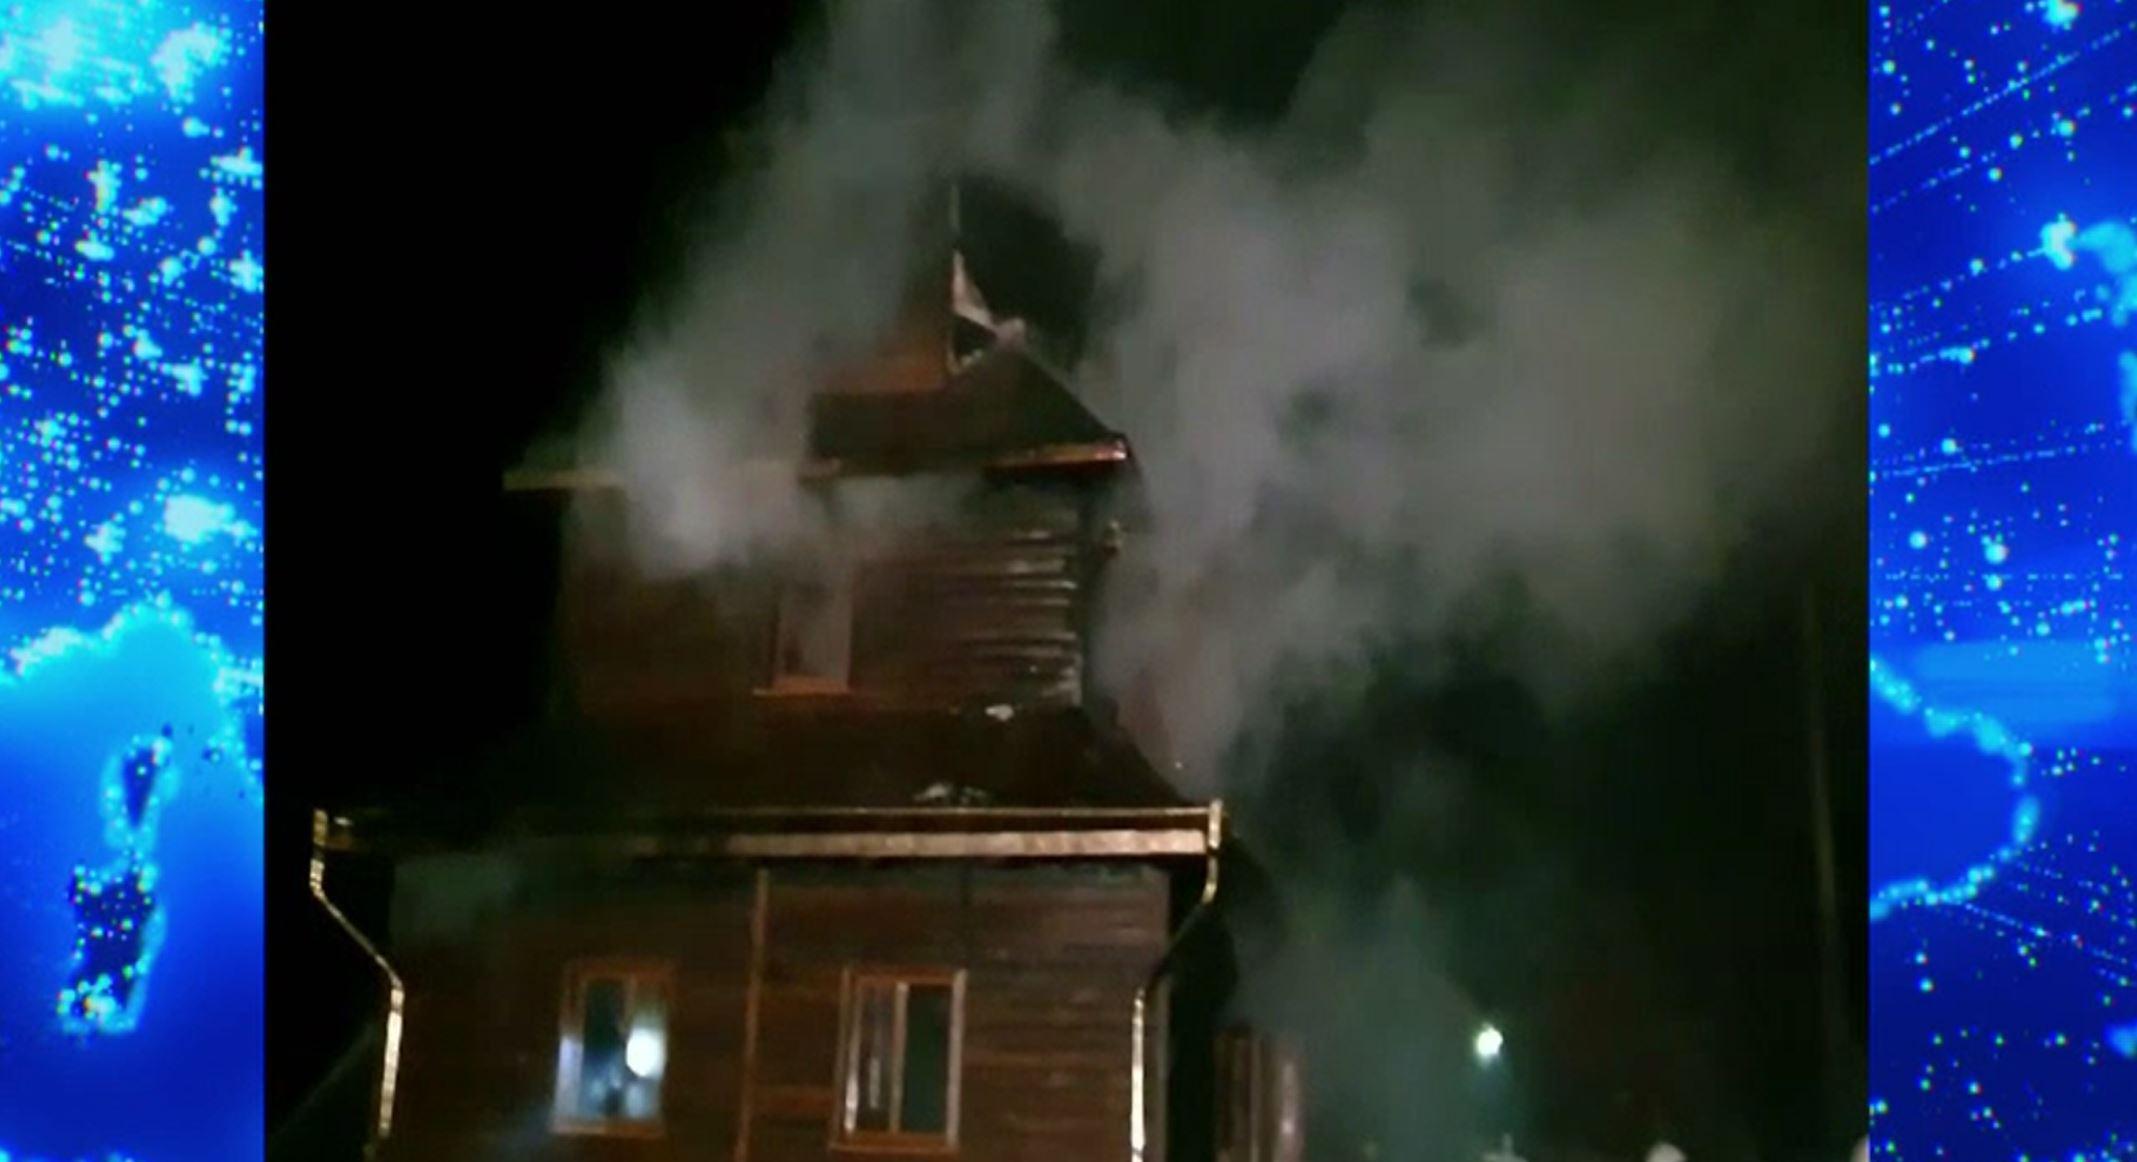 Incendiu violent la o biserică din Suceava. Lăcașul de cult a fost mistuit de flăcări